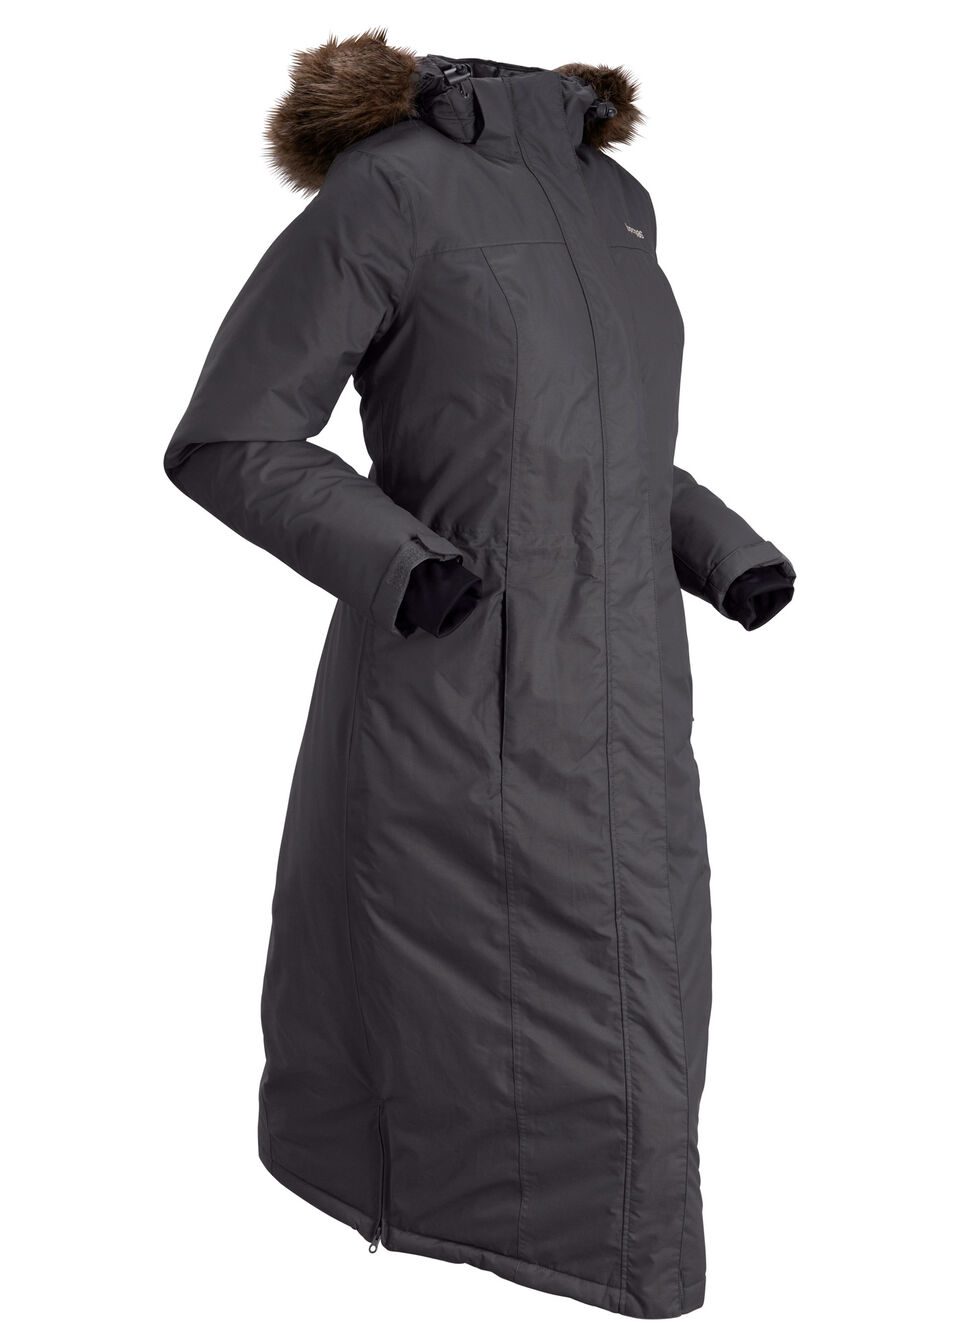 Купить Куртки и плащи, Пальто с мехом для активного отдыха, bonprix, шиферно-серый